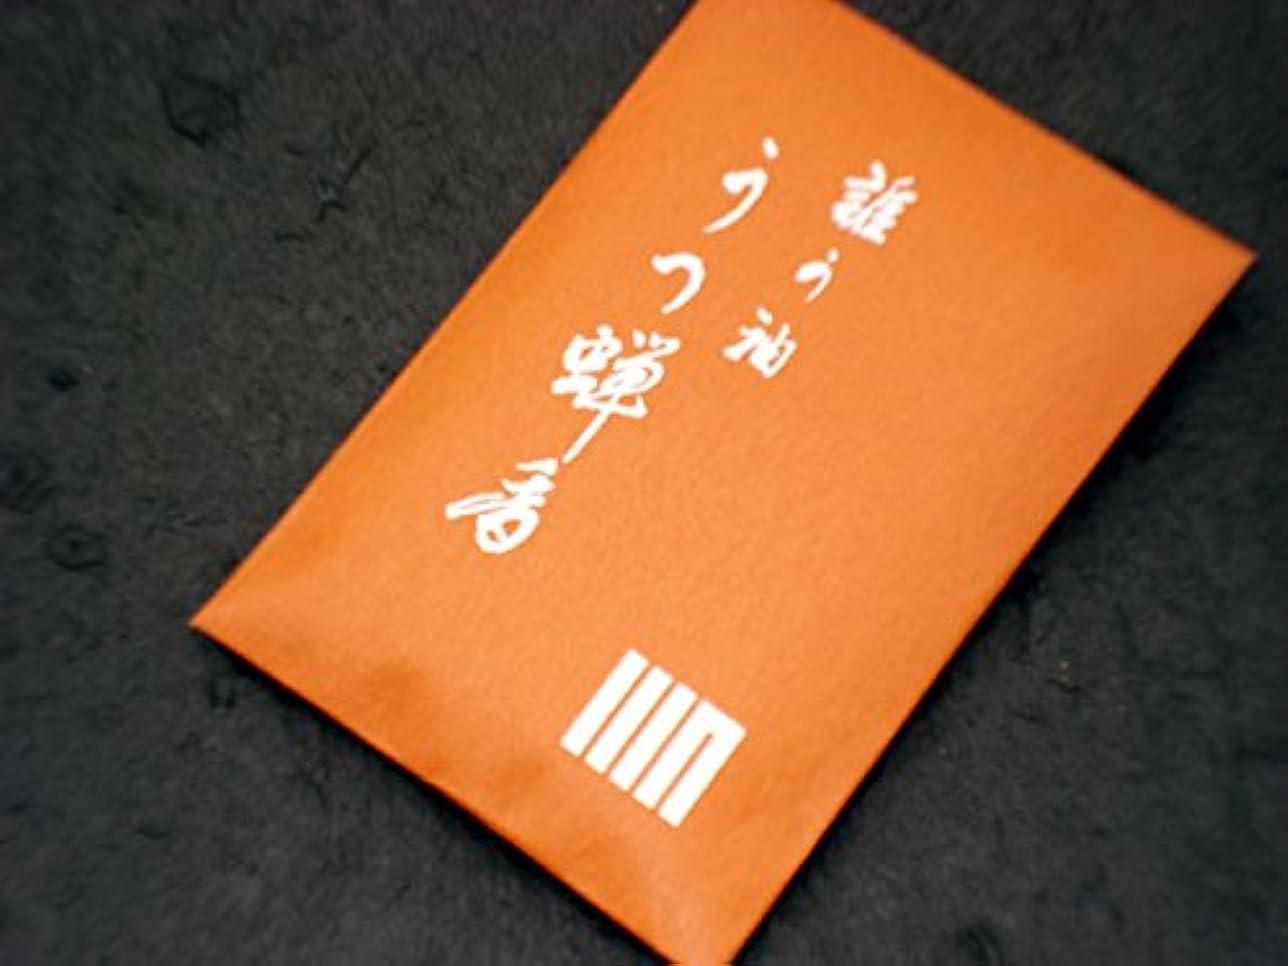 バイオリニスト肝美的【匂い袋】 誰が袖 空蝉香(うつせみこう)